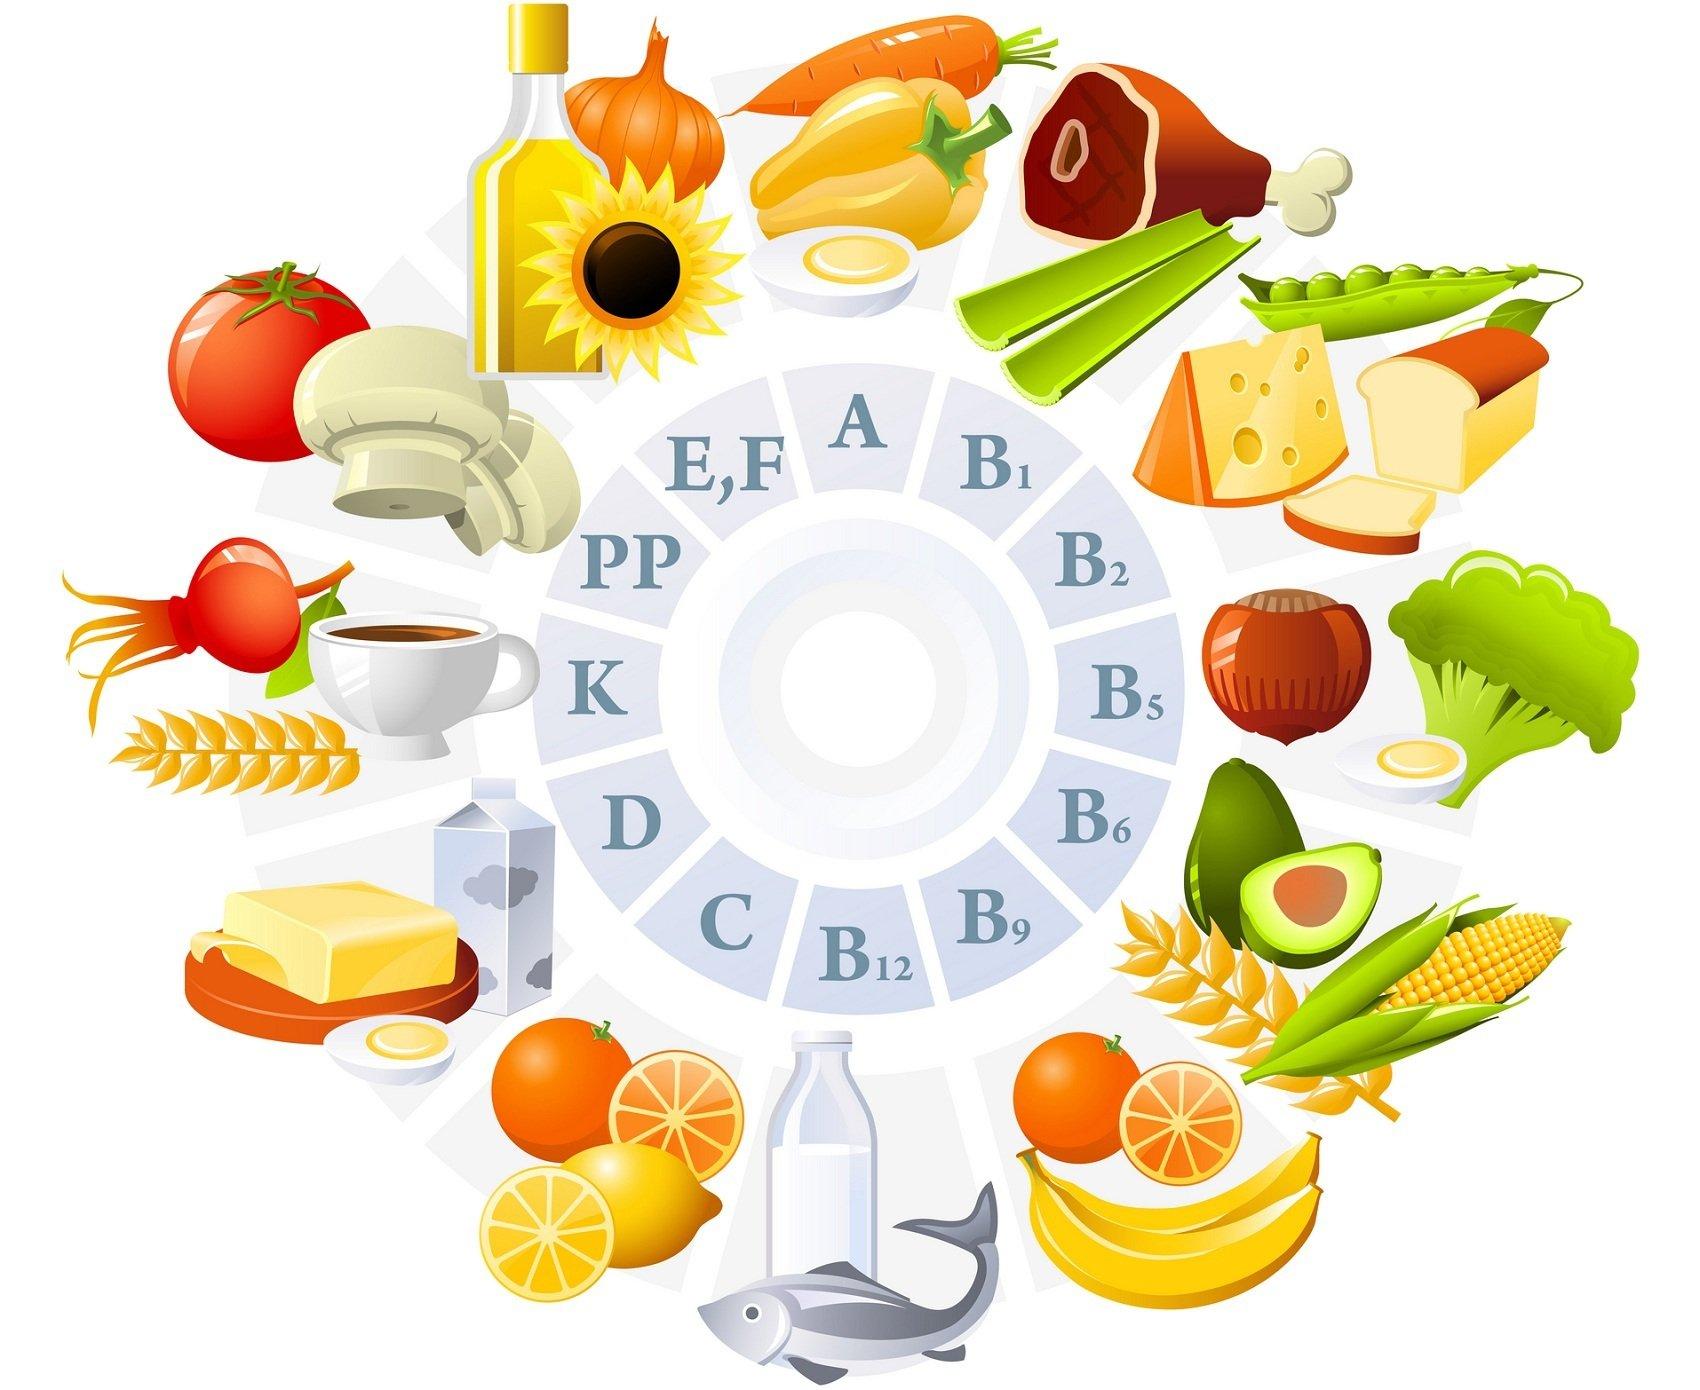 Прекрасные картинки, картинки витаминки для здоровья